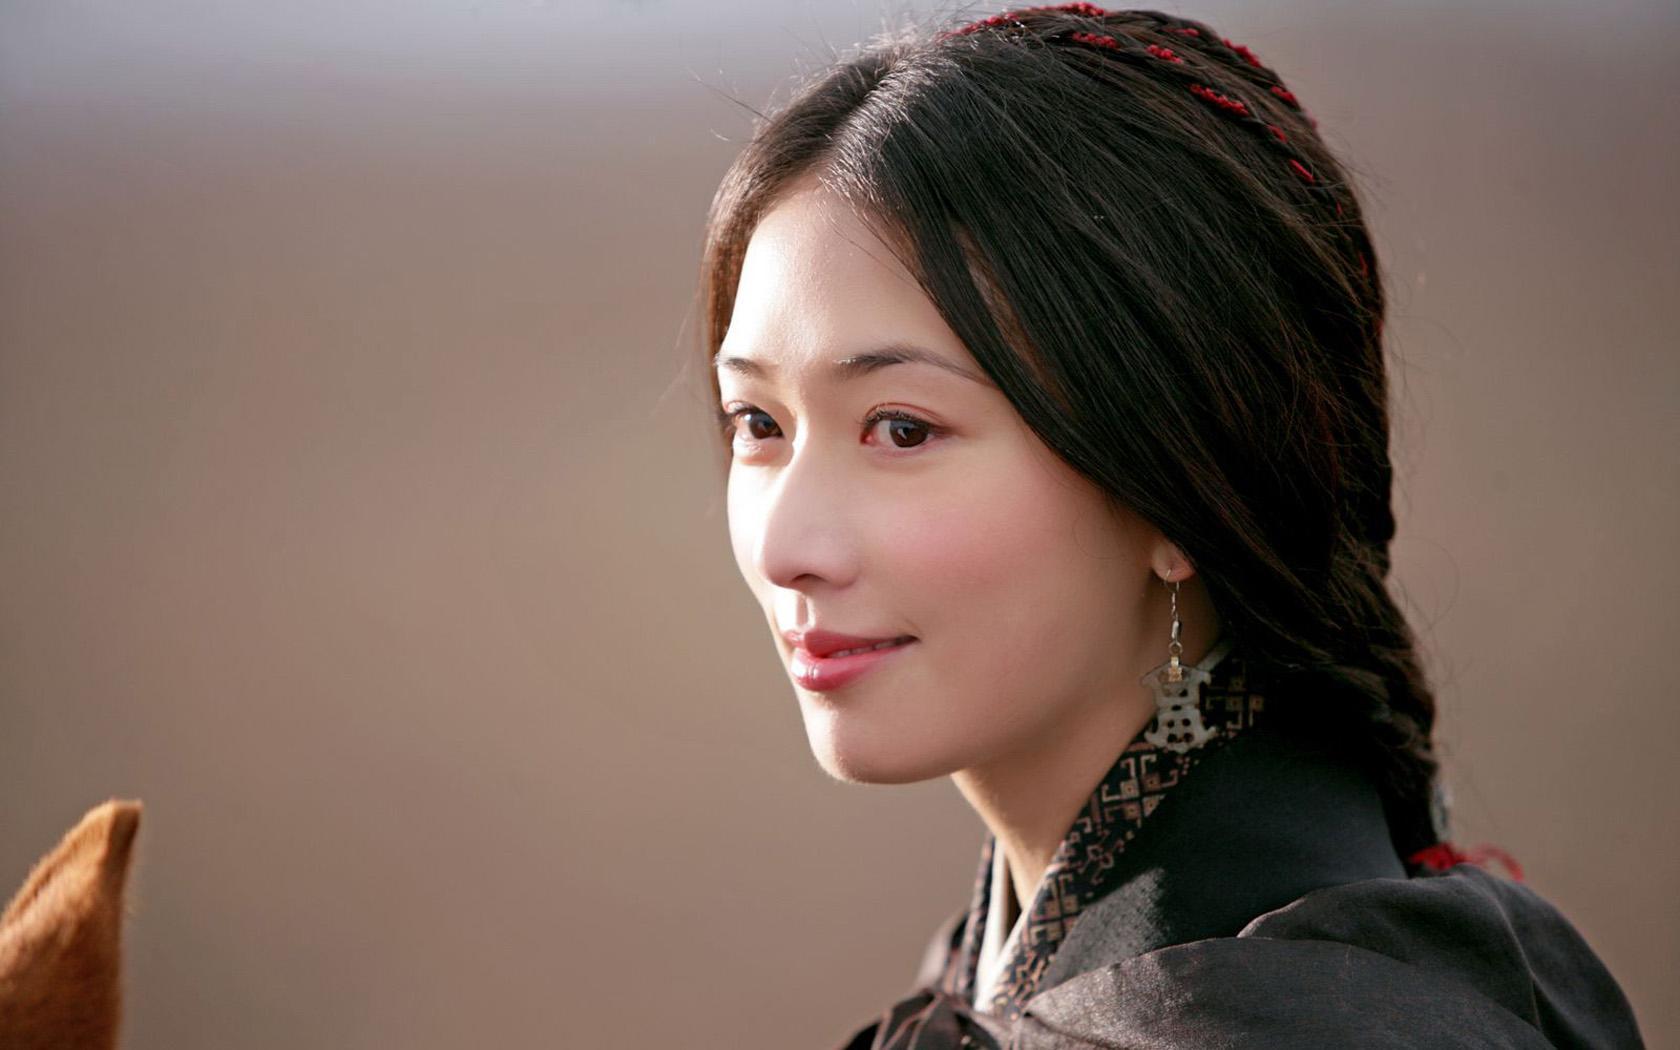 林志玲七夕算命 国师 唐绮阳竟说她恋爱运极差 2020年才会有好姻缘图片